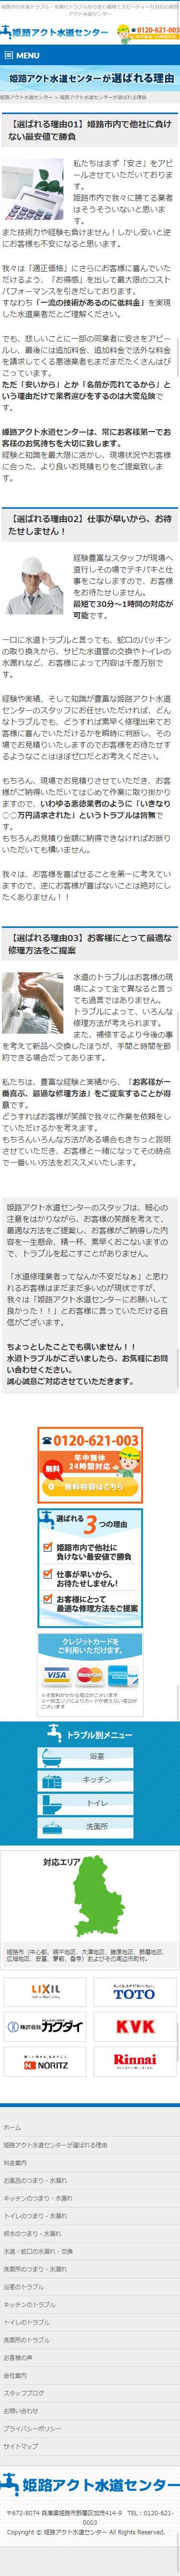 姫路市 株式会社ライフテックサービス様 姫路アクト水道センターホームページ制作4